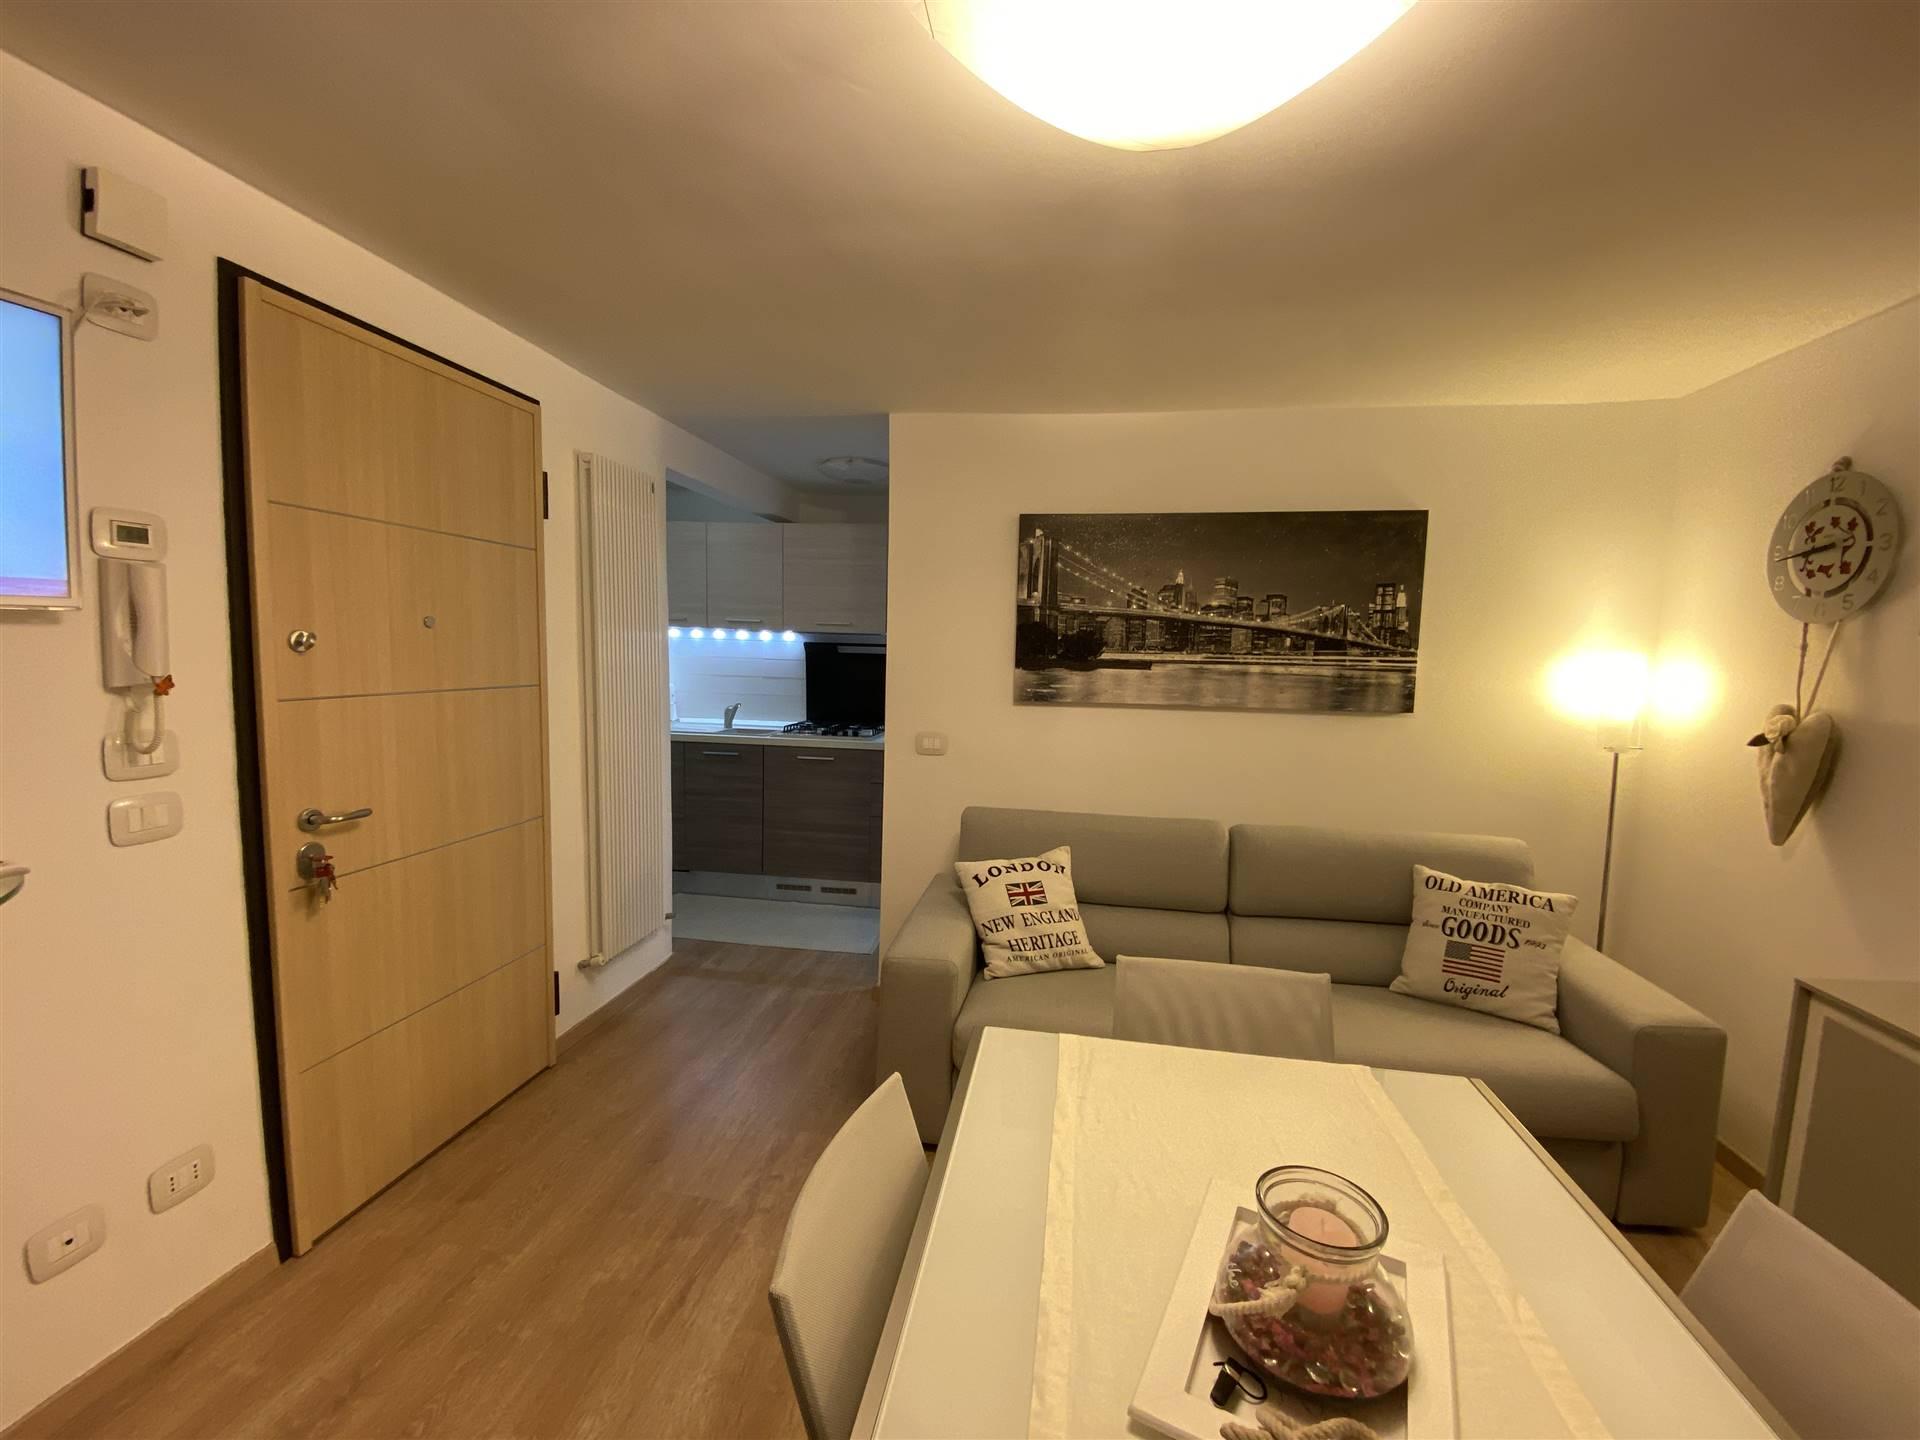 Rif. B257 Chioggia Centro: Vendesi appartamento trilocale di circa 65 mq, in zona Vigo, completamente ristrutturato. Composto da soggiorno-cucina,